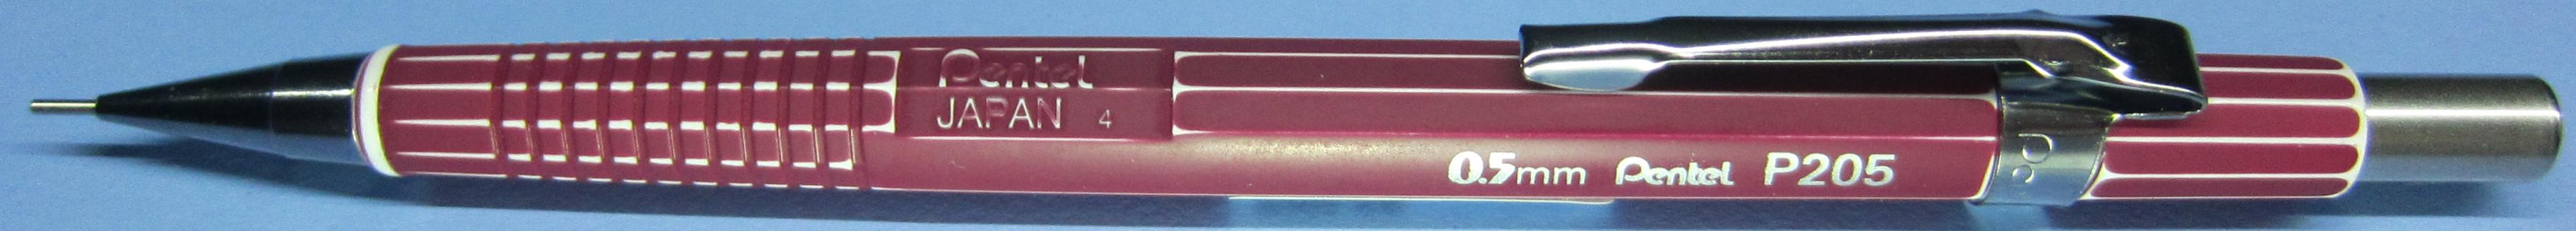 P205-RB (Gen 6) - 327